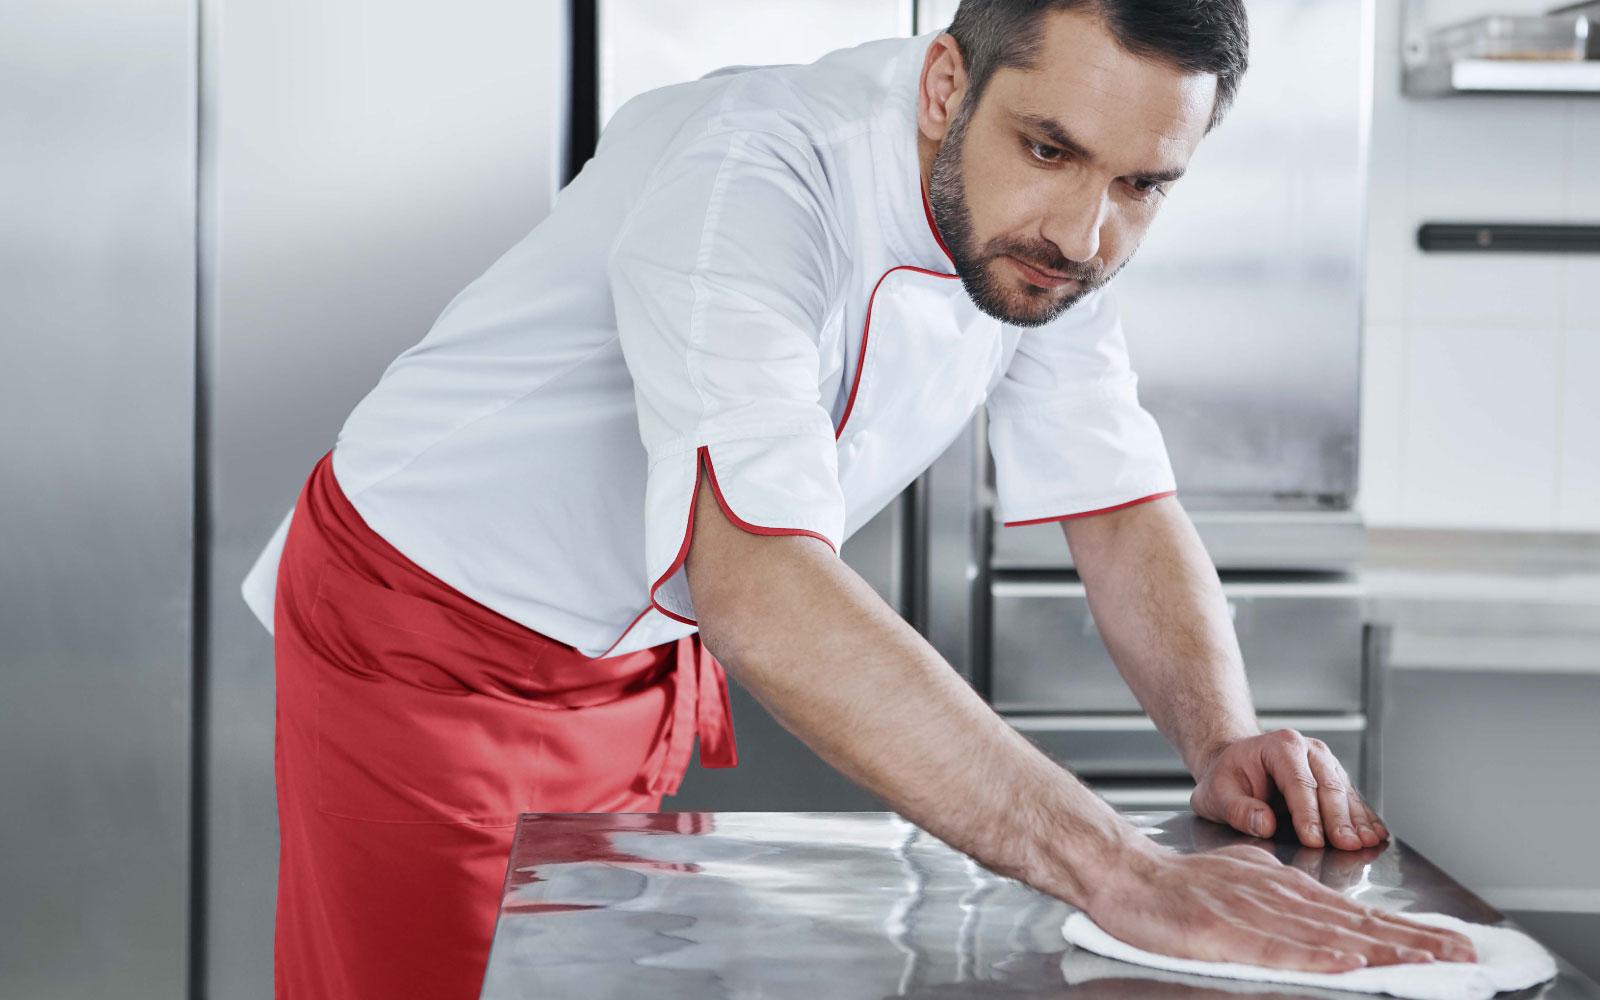 L'igiene e la sicurezza delle attrezzature di ristorazione